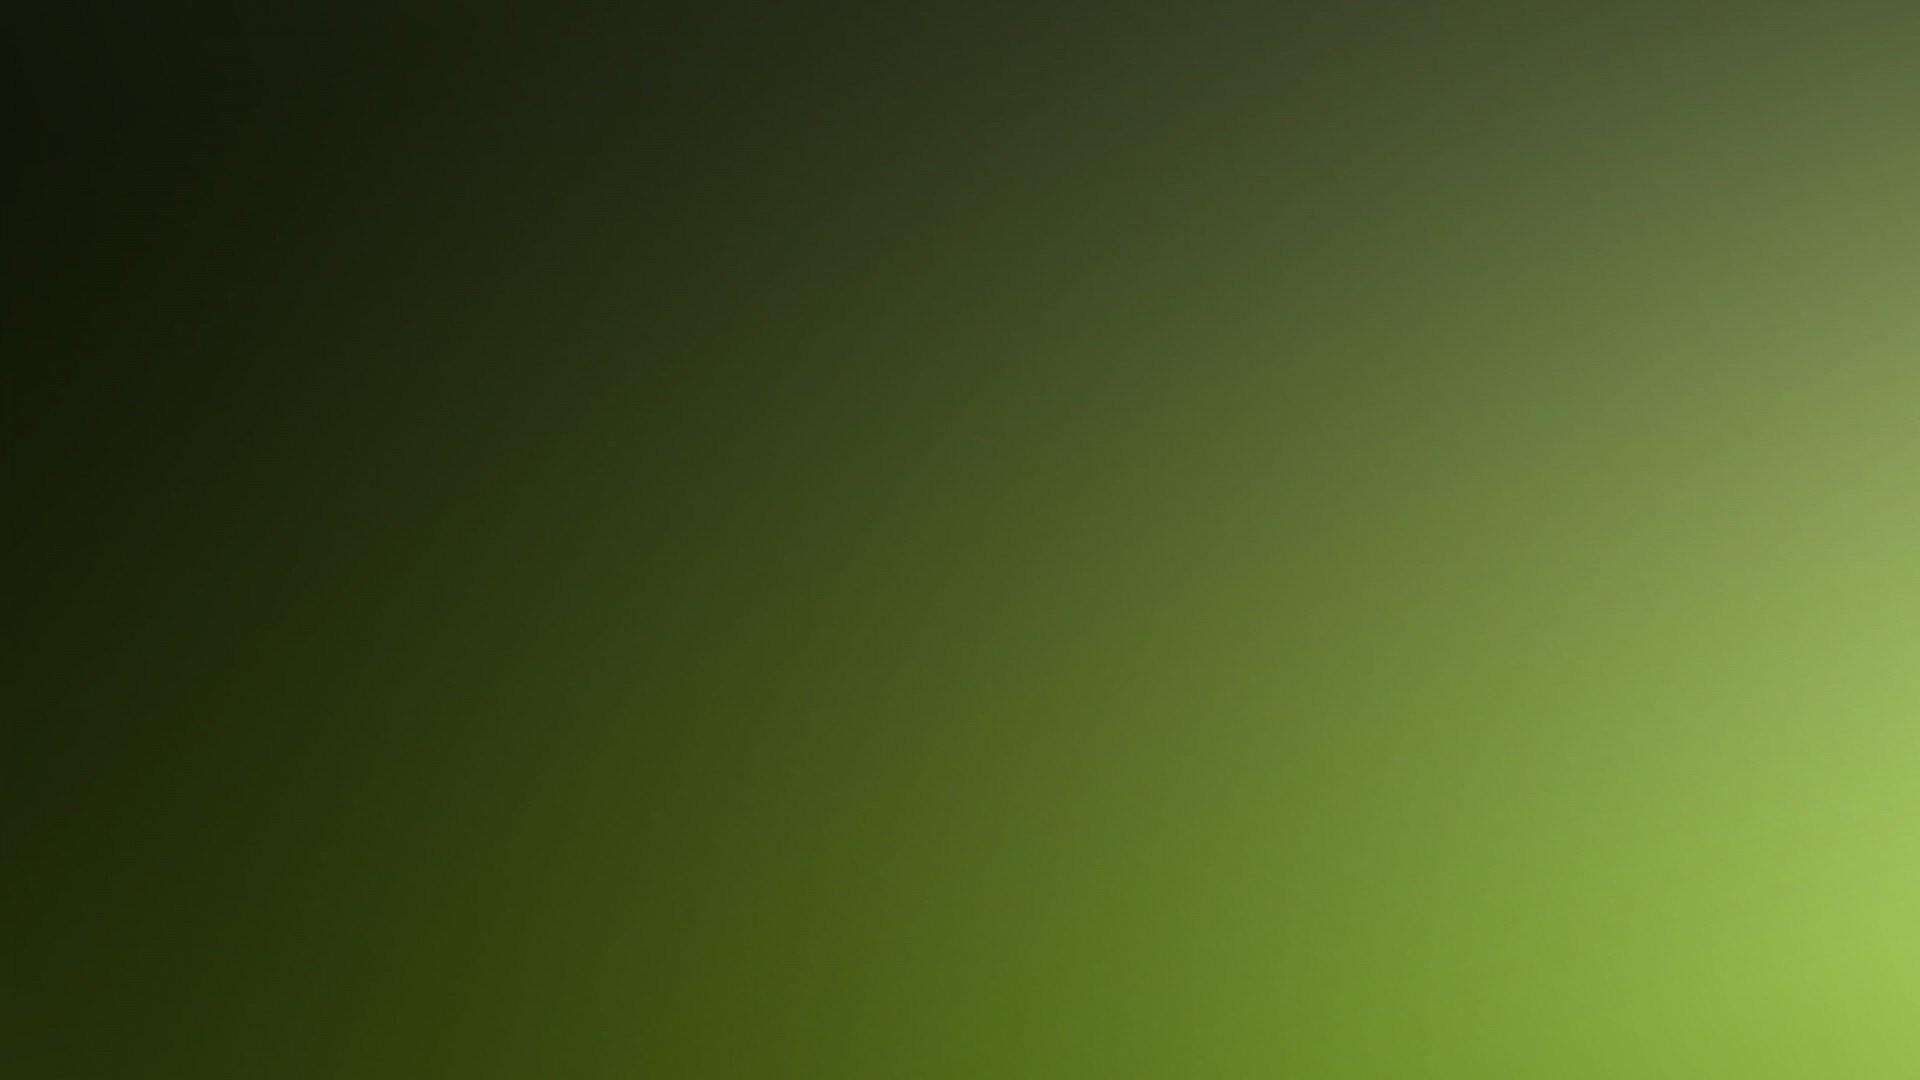 Dark Green Background 909990